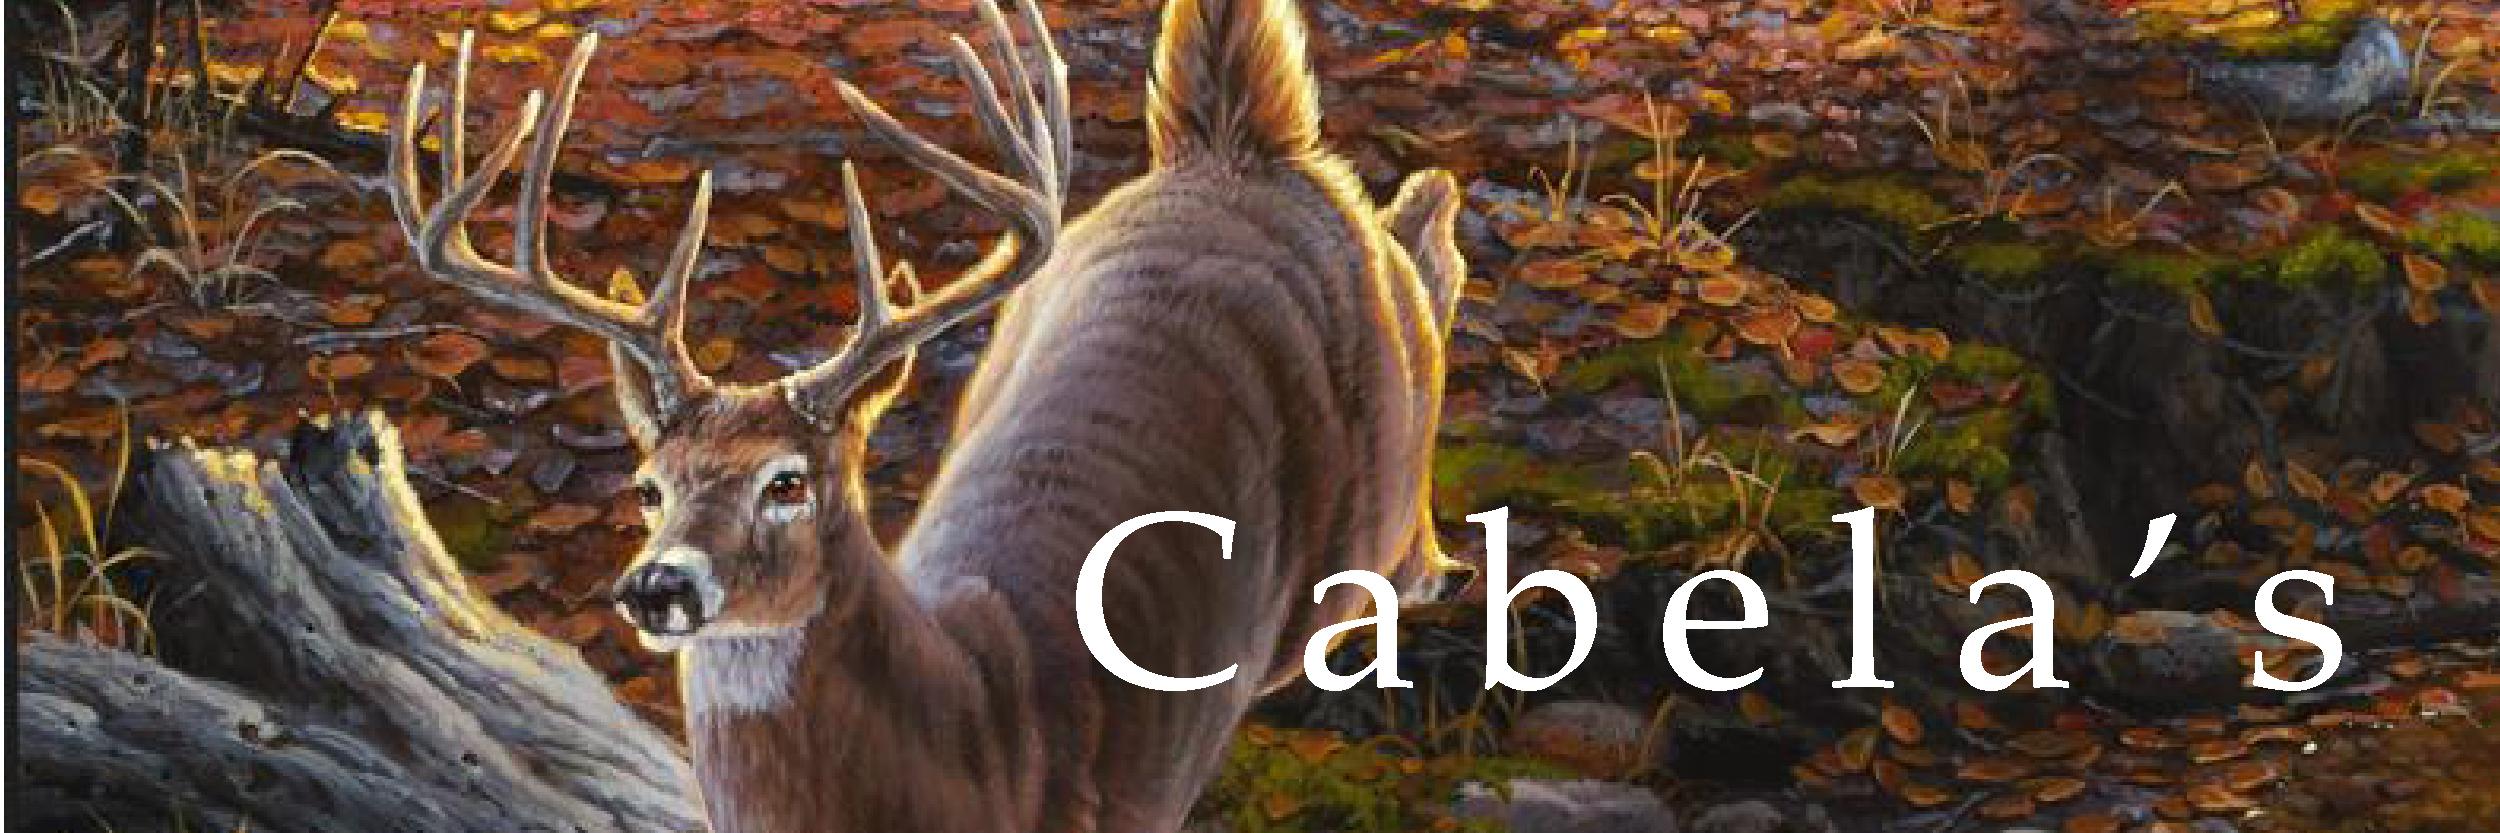 Cabela's | DBArt button.jpg